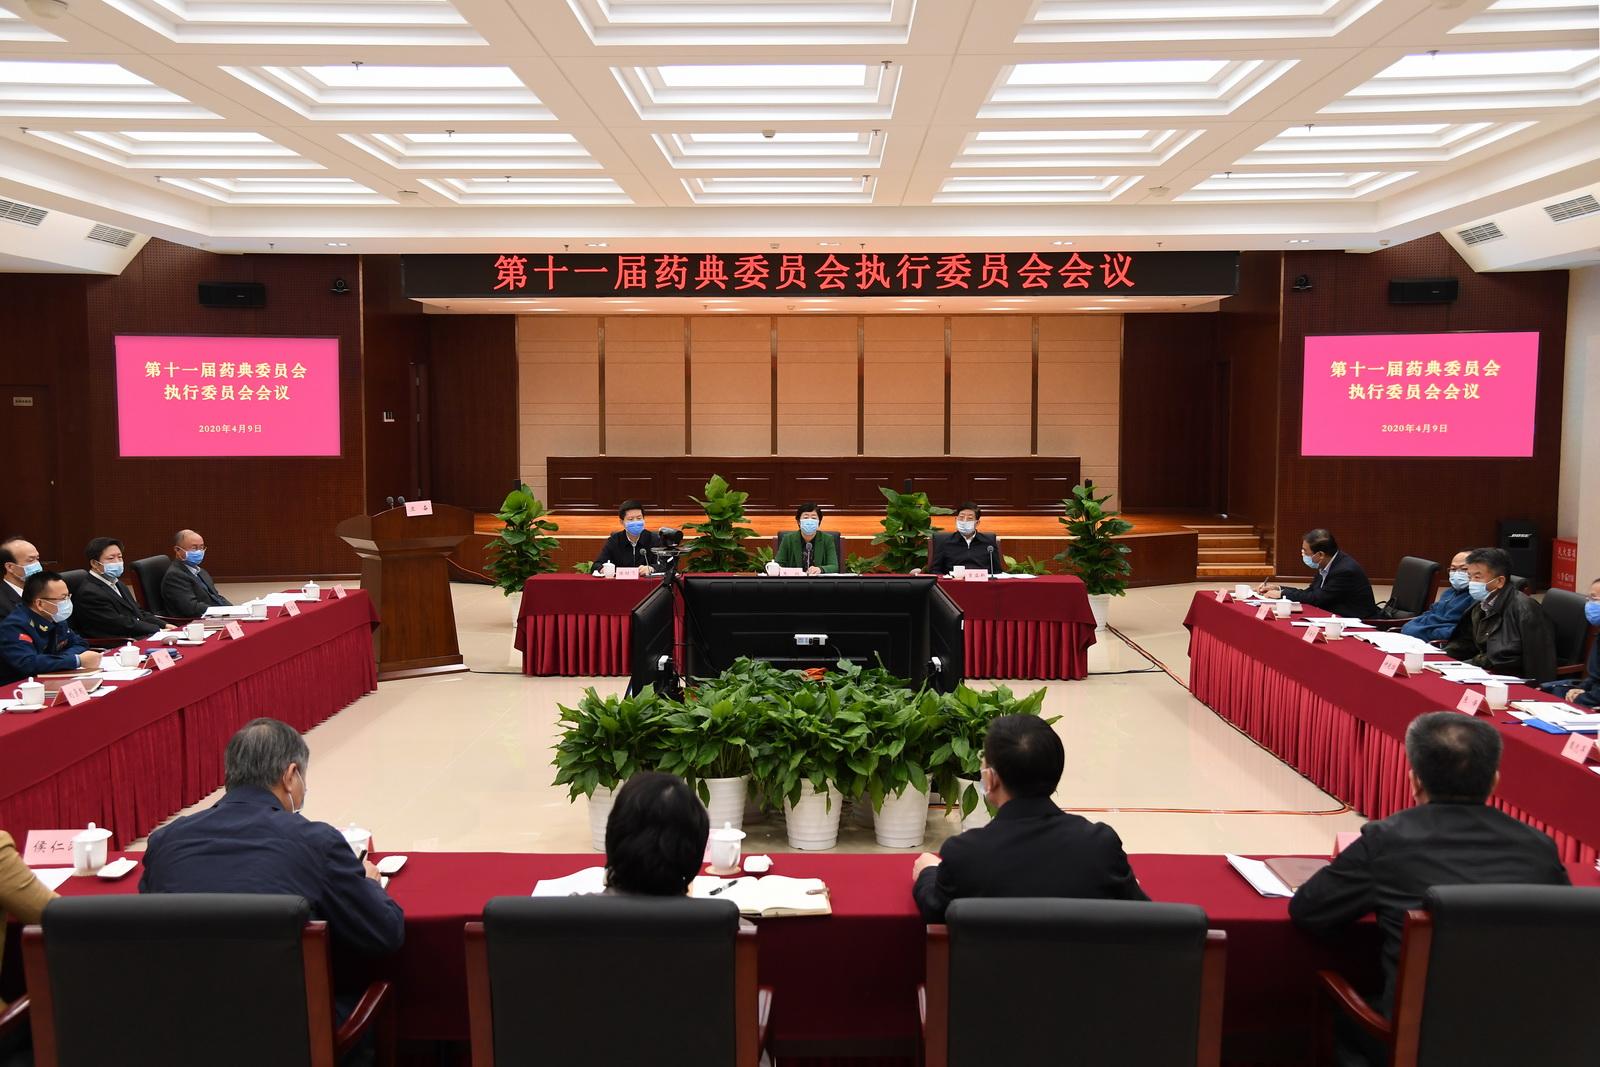 第十一届药典委员会执行委员会会议:审议通过2020年版《中国药典》草案